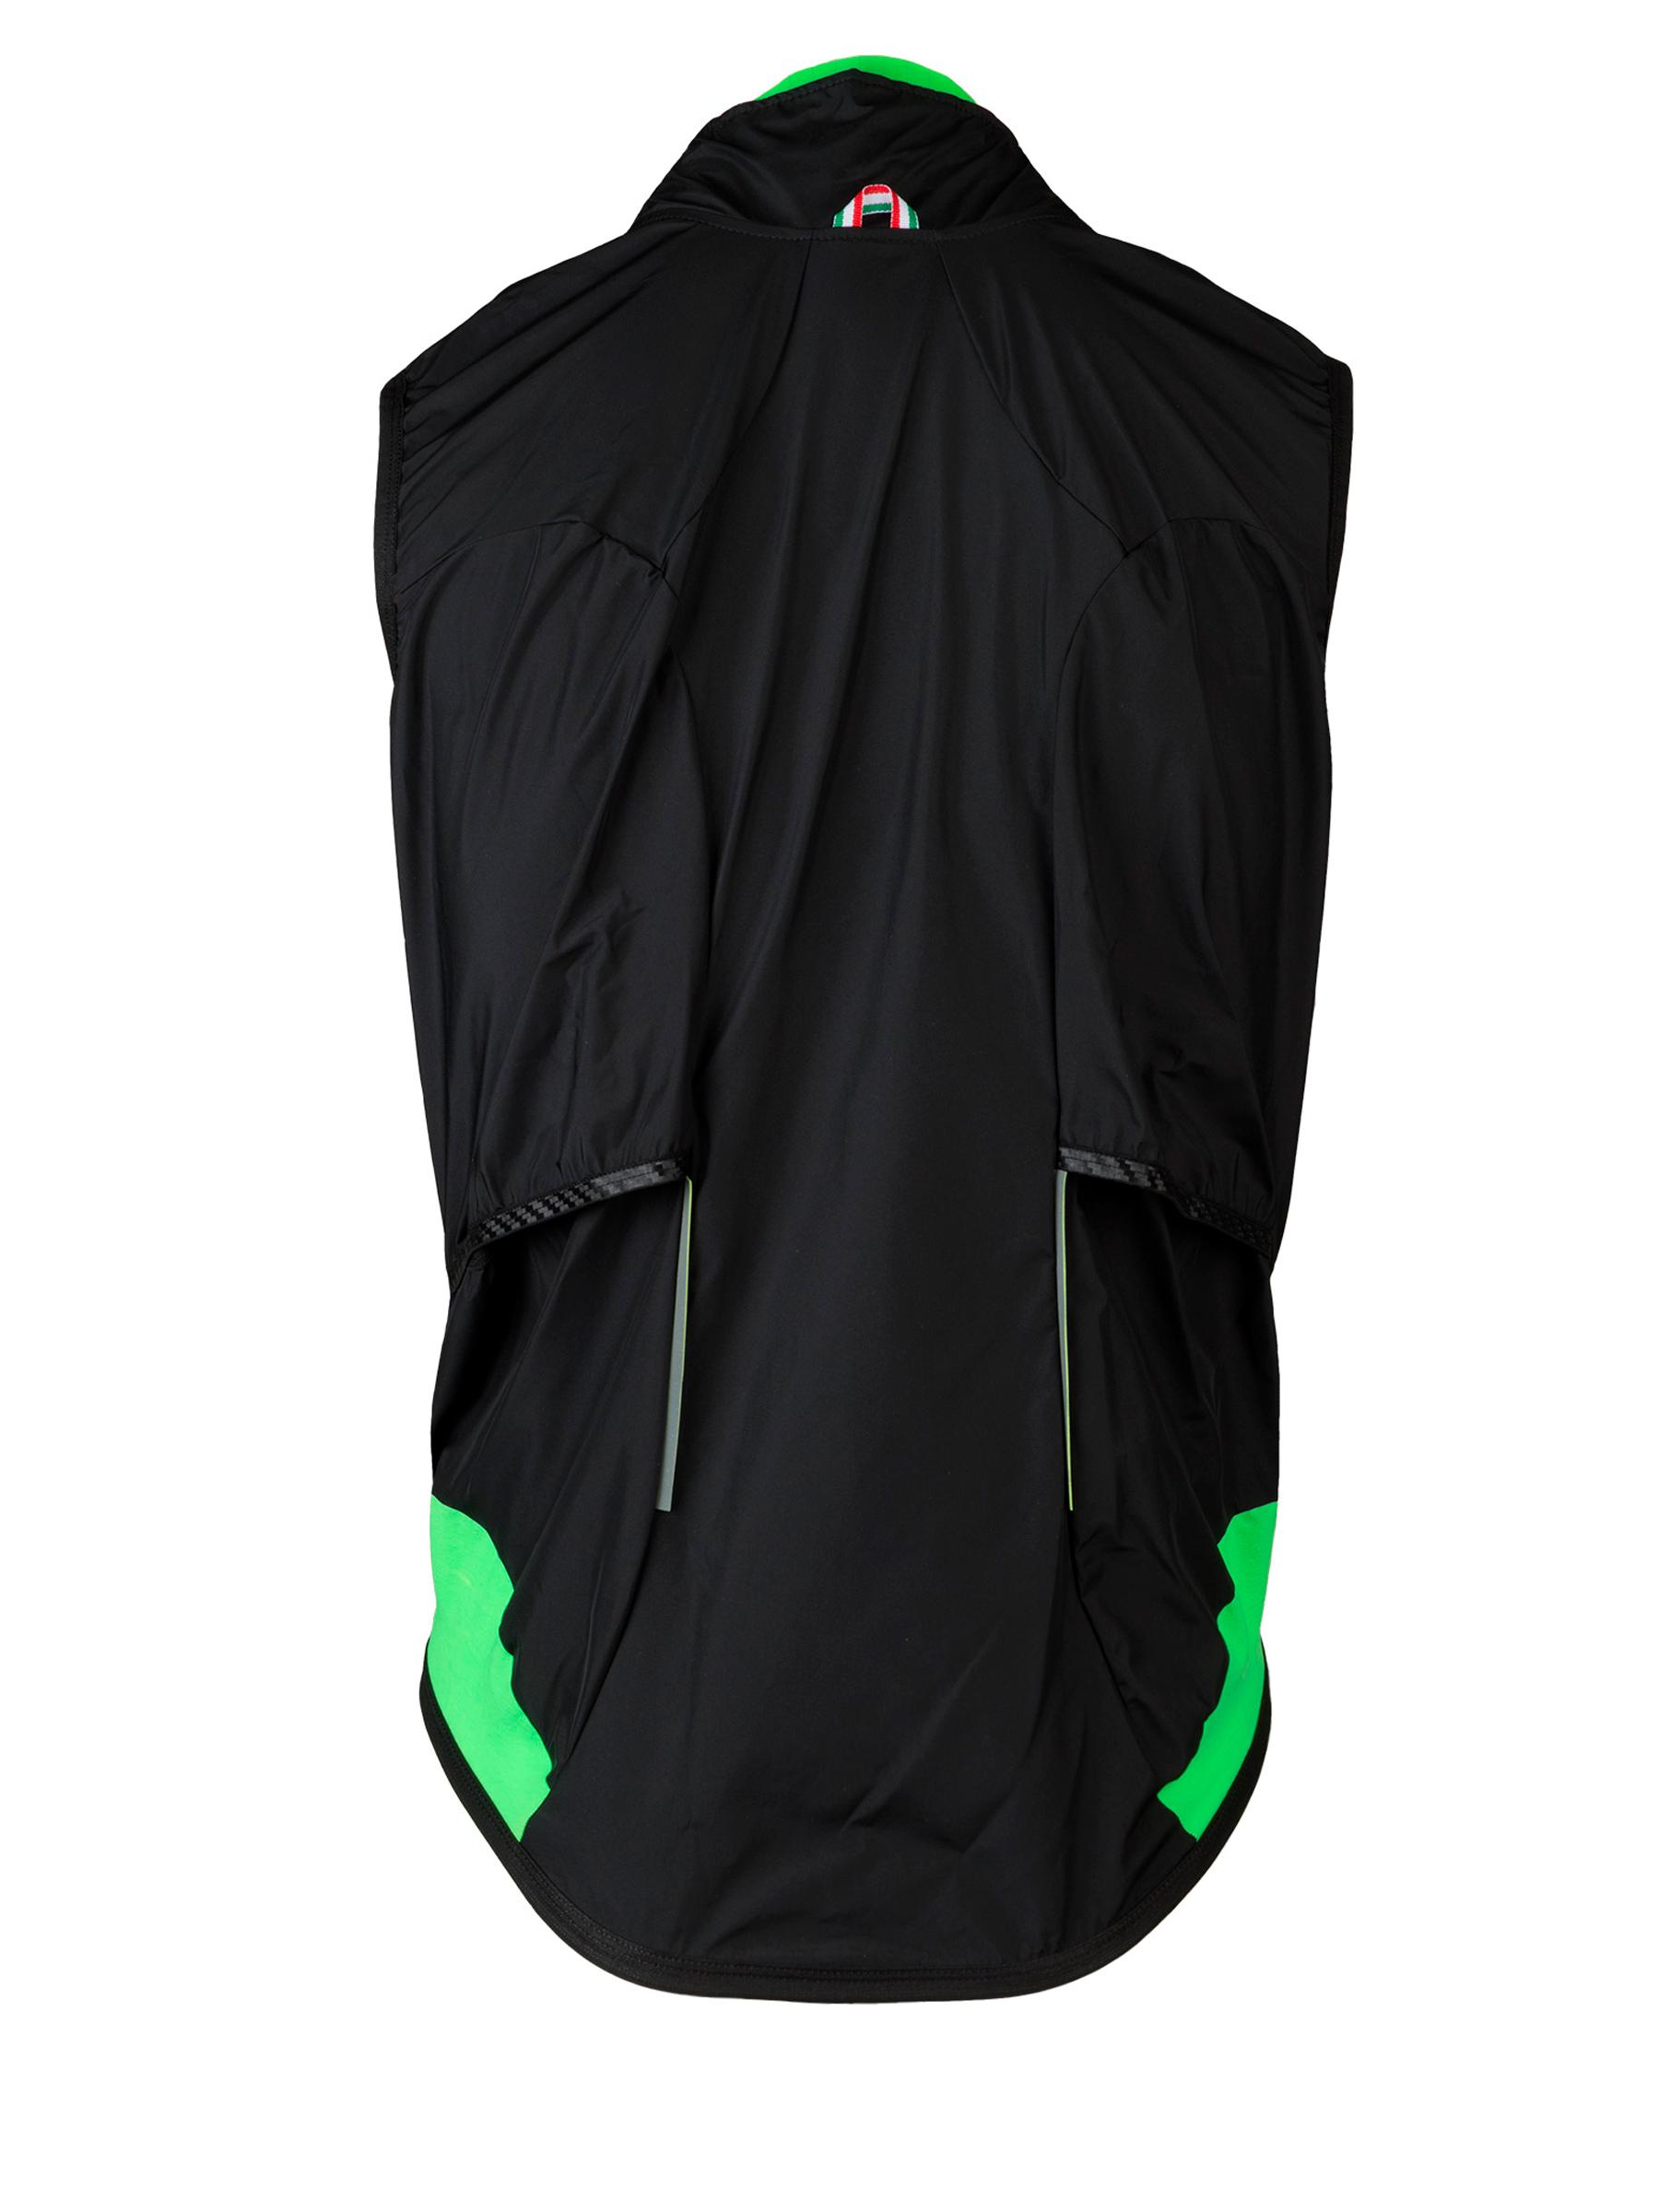 R. Vest Protection